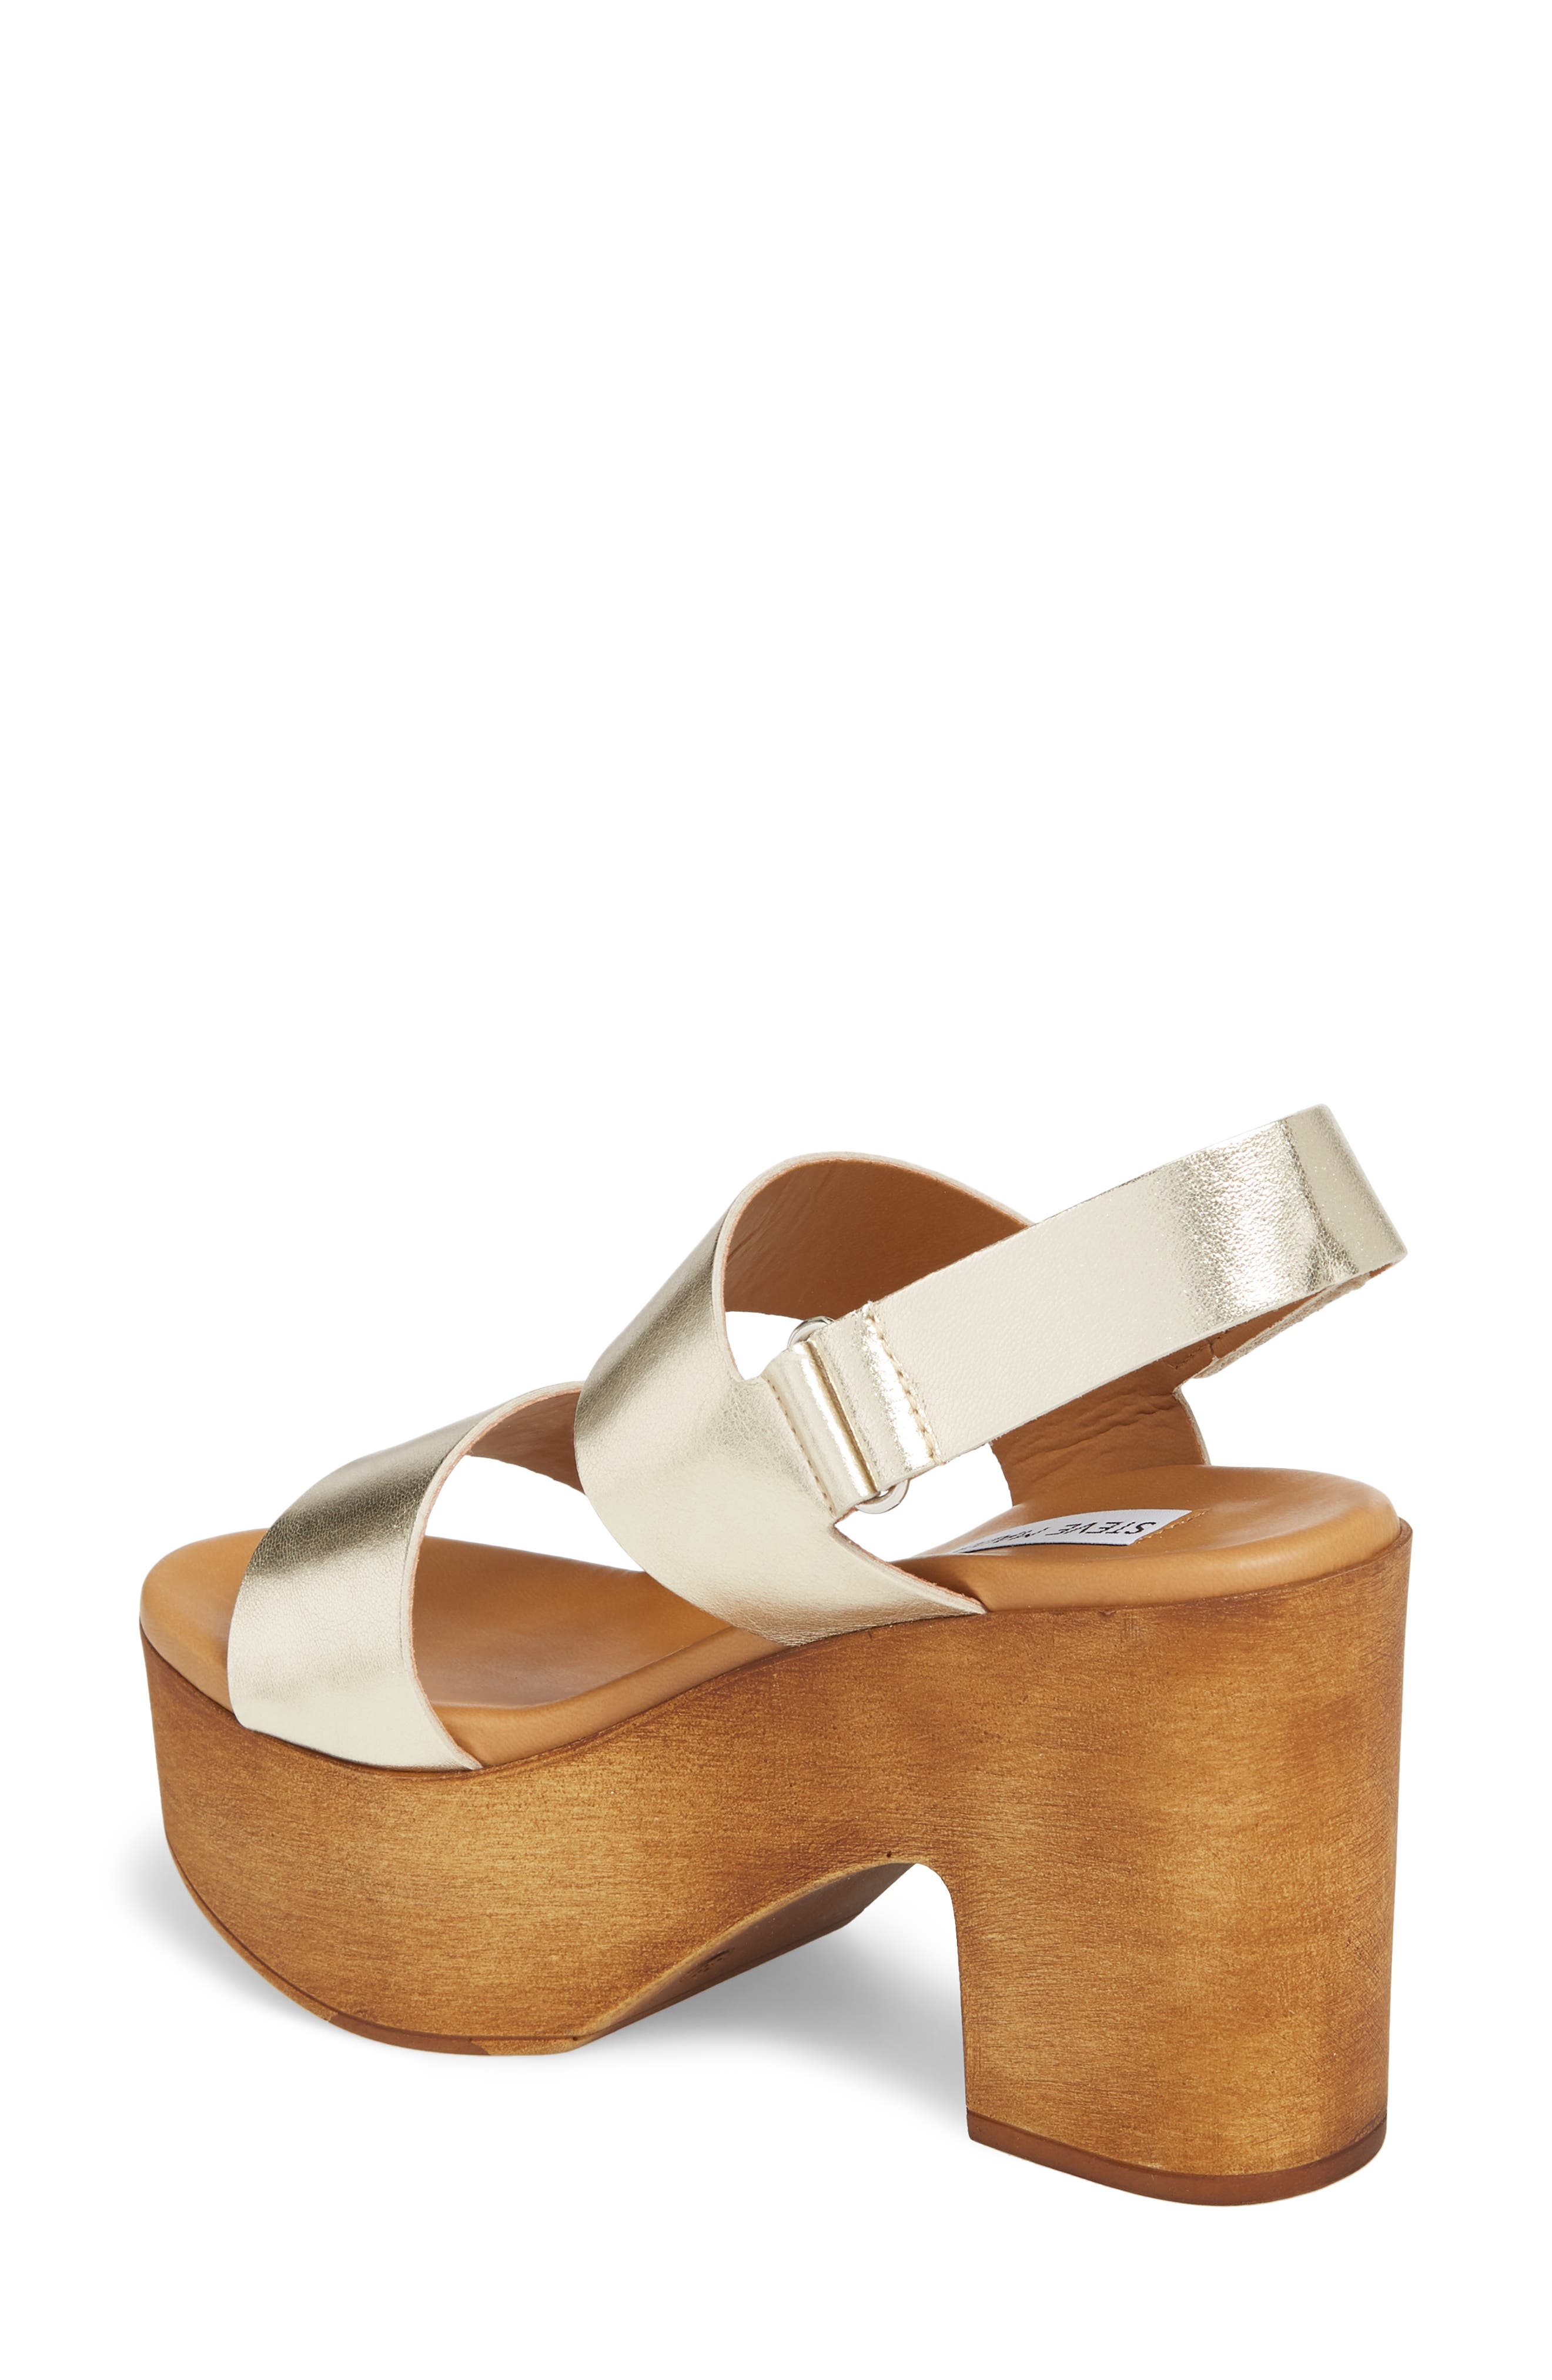 Marena Slingback Platform Sandal,                             Alternate thumbnail 2, color,                             Champagne